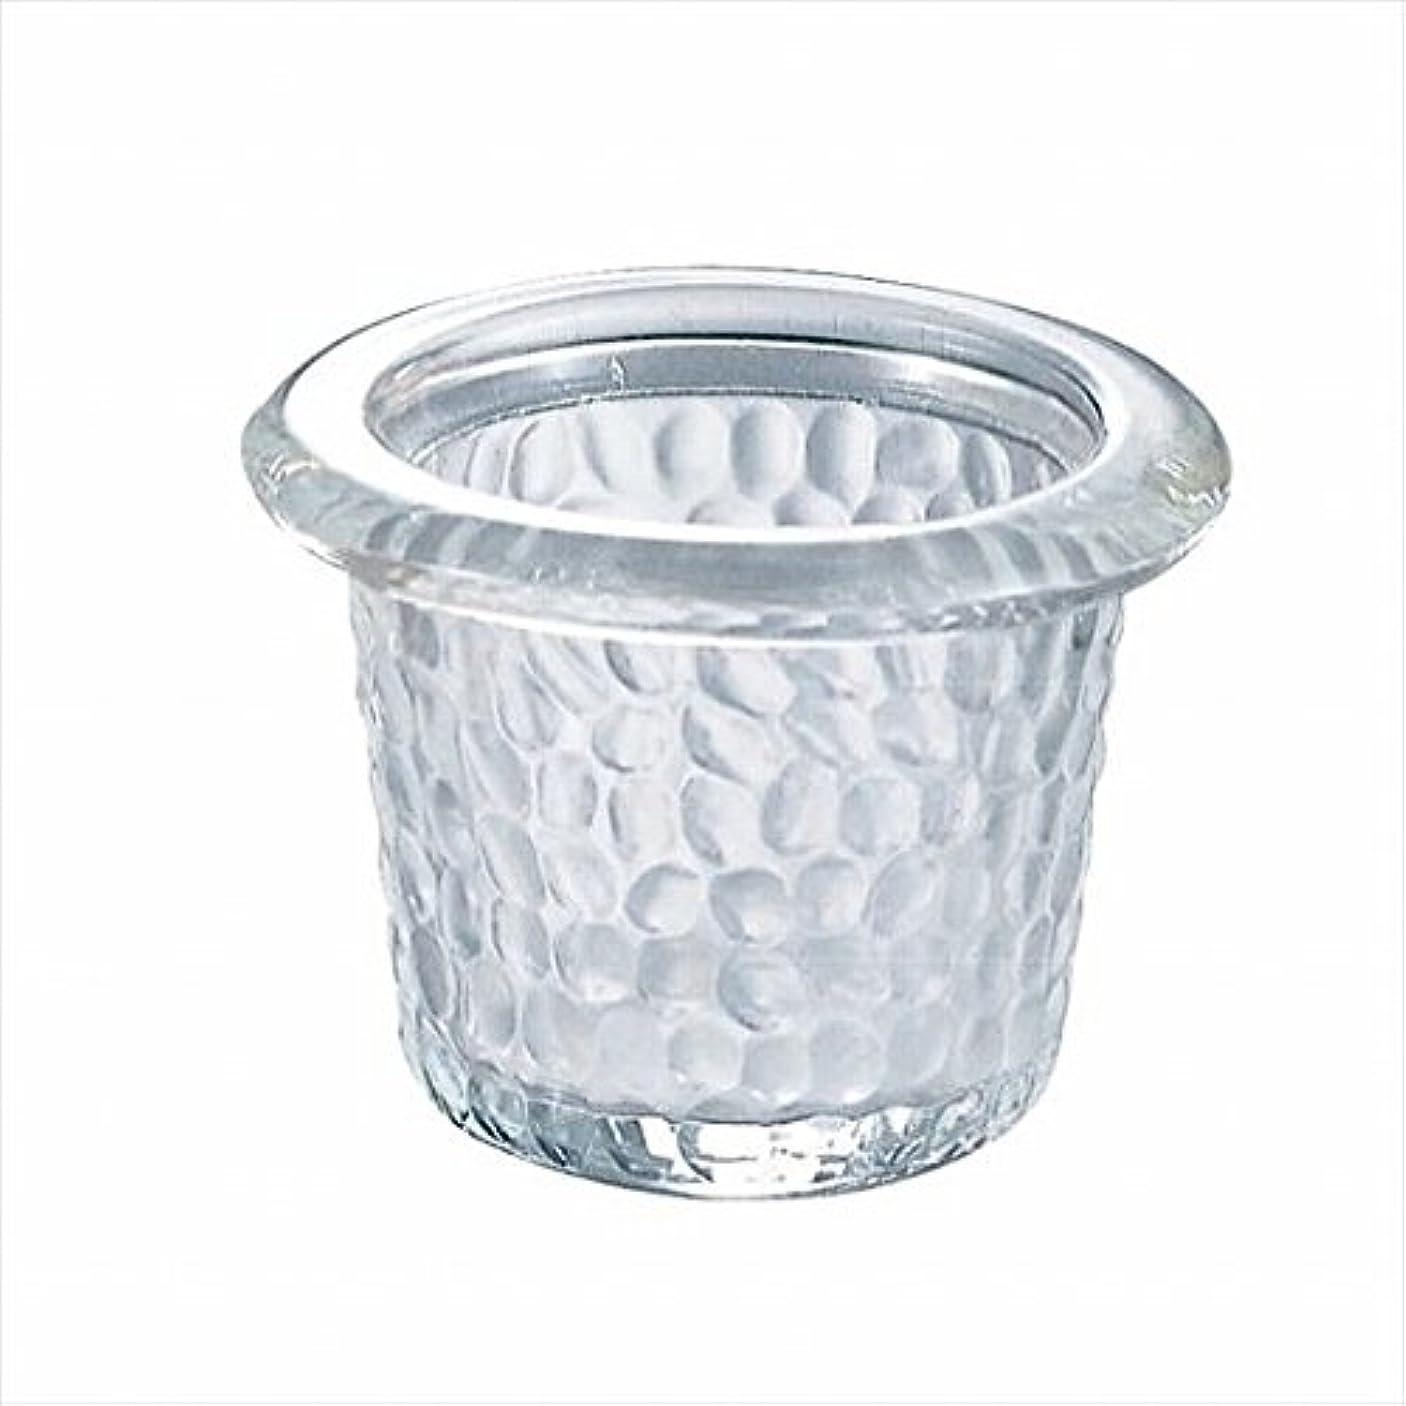 背骨噴水うめき声カメヤマキャンドル(kameyama candle) ハンマードグラスライトハウス 「 クリア 」6個セット